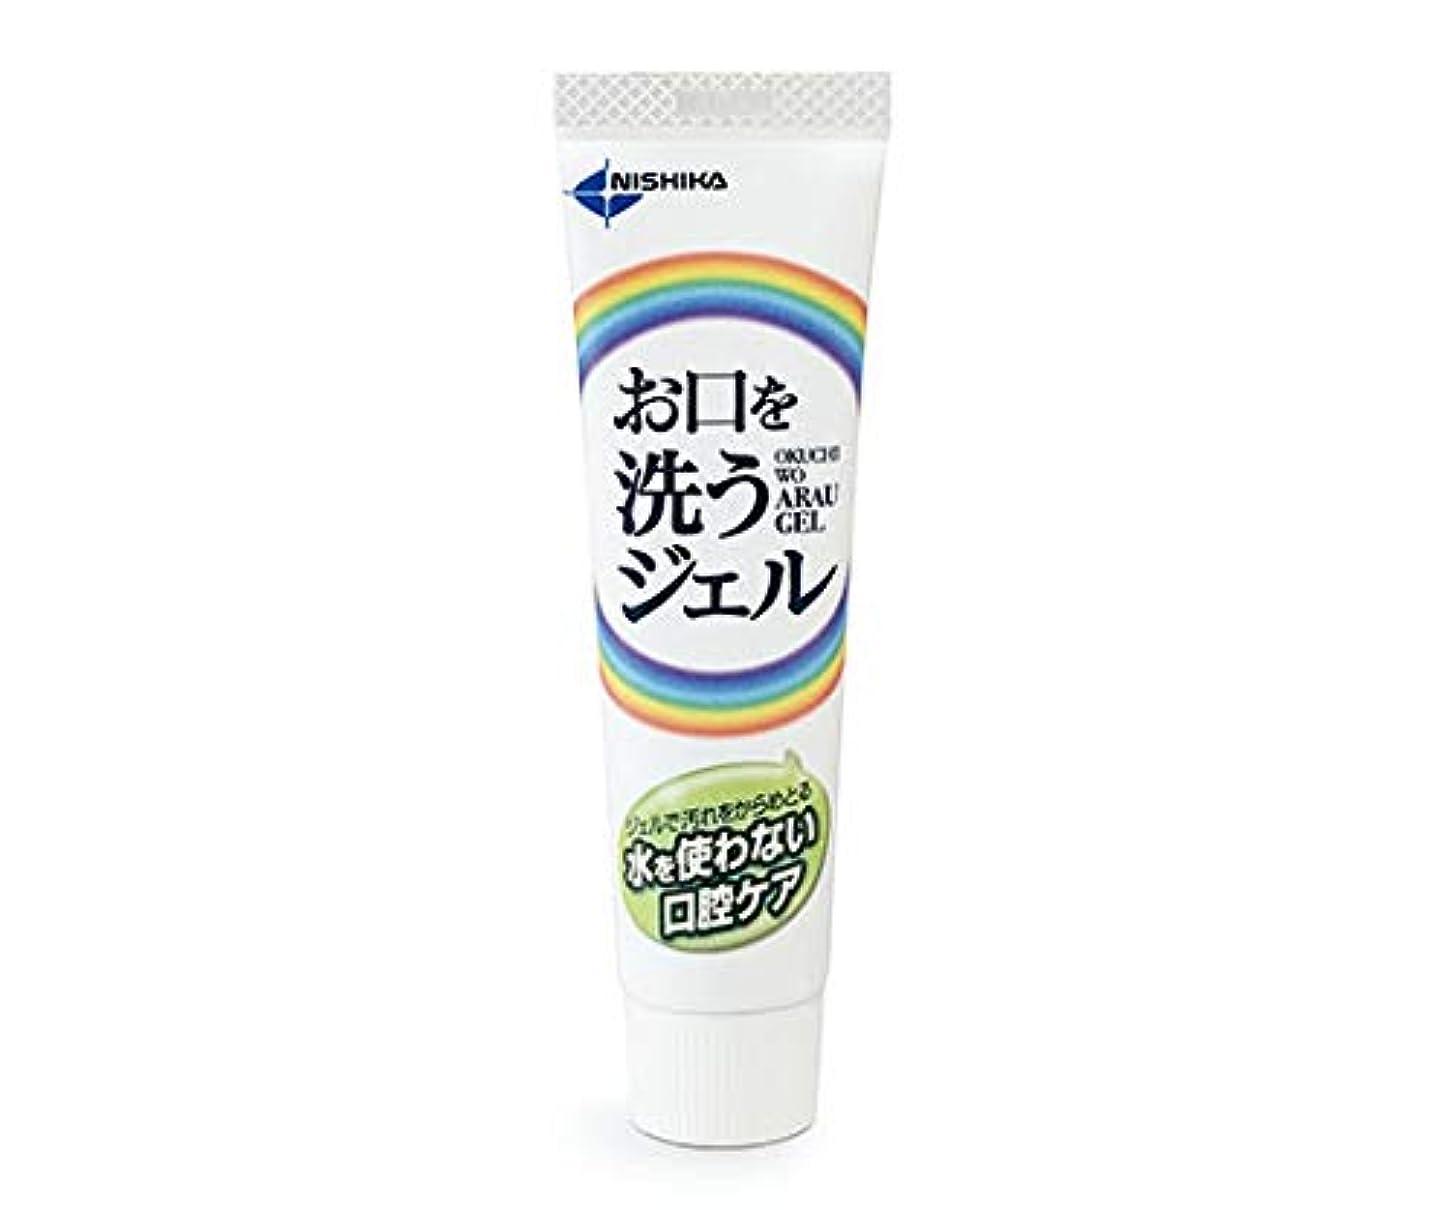 マイナー二週間代替案日本歯科薬品 お口を洗うジェル(口腔ケア用ジェル) 25g